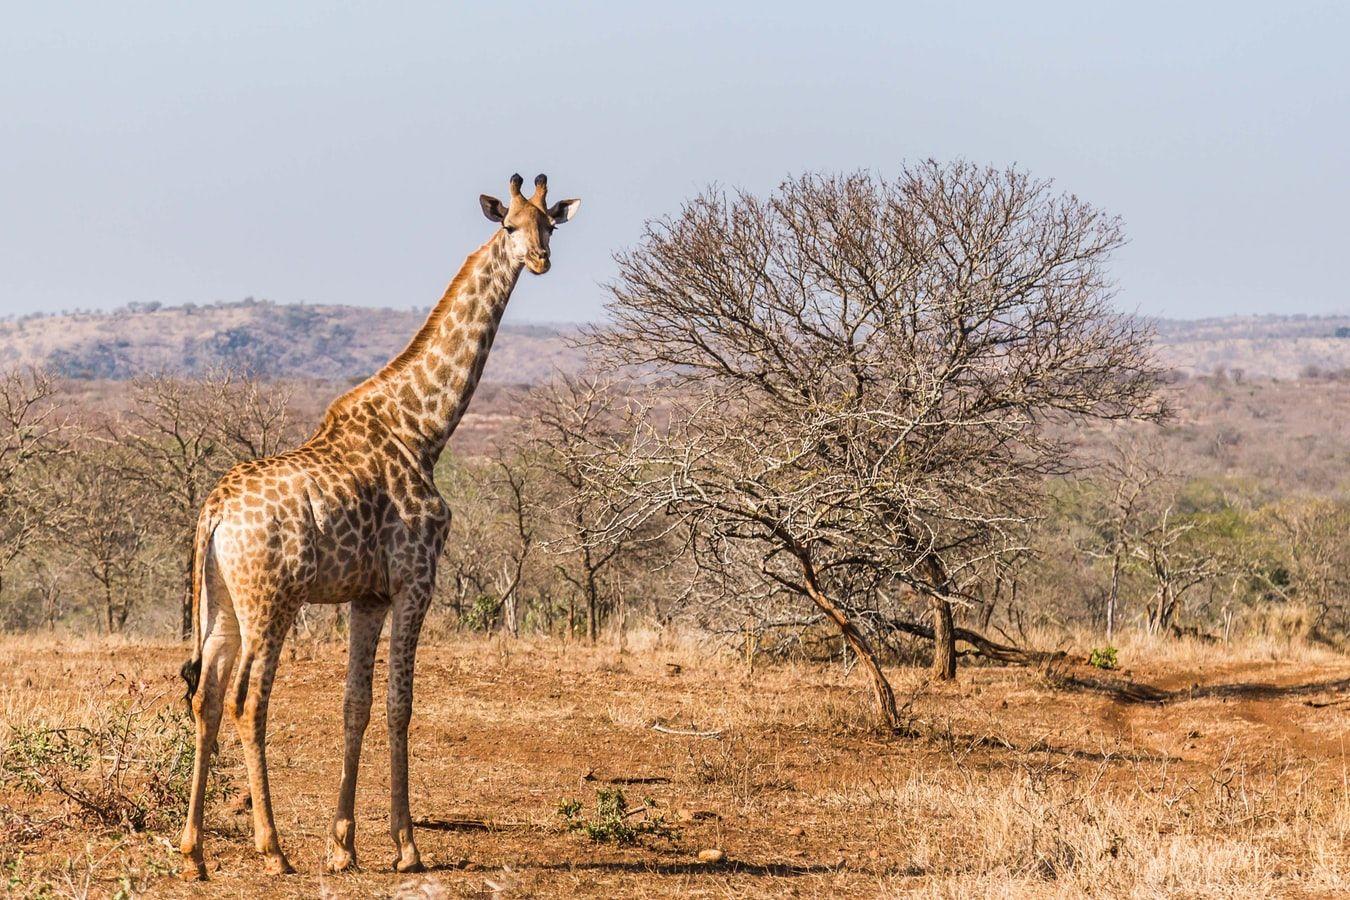 Co wiesz o żyrafach? quiz